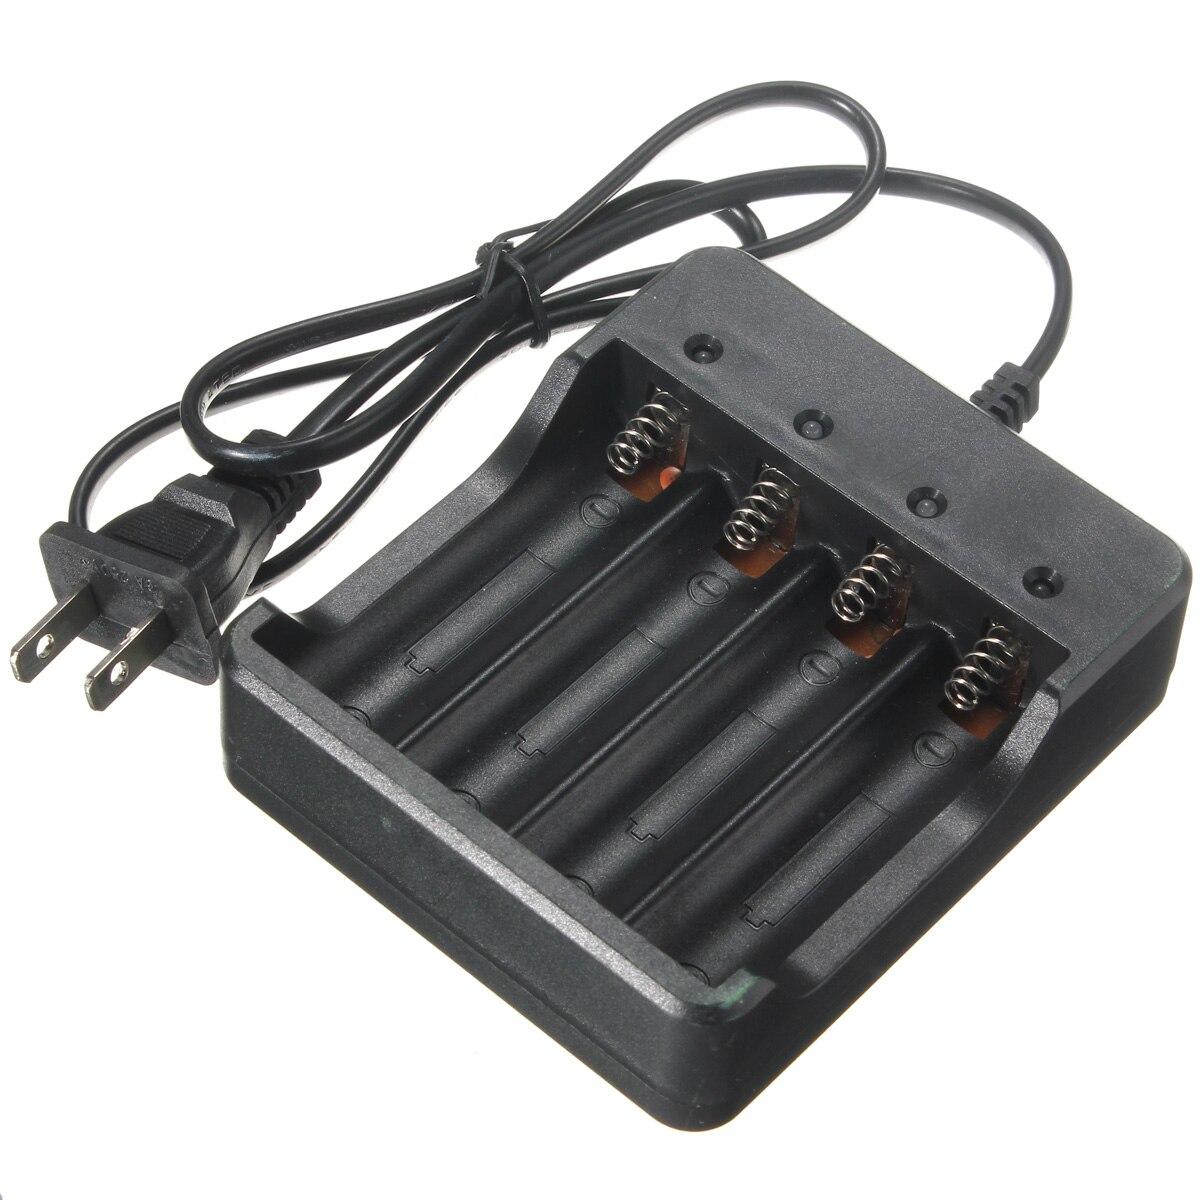 Черный Цвет универсальный Электрический Мощность Зарядное устройство 1200ma 4&#215;18650 Li-Ion Перезаряжаемые литиевых Батарея <font><b>Smart</b></font> Зарядное устройство&#8230;